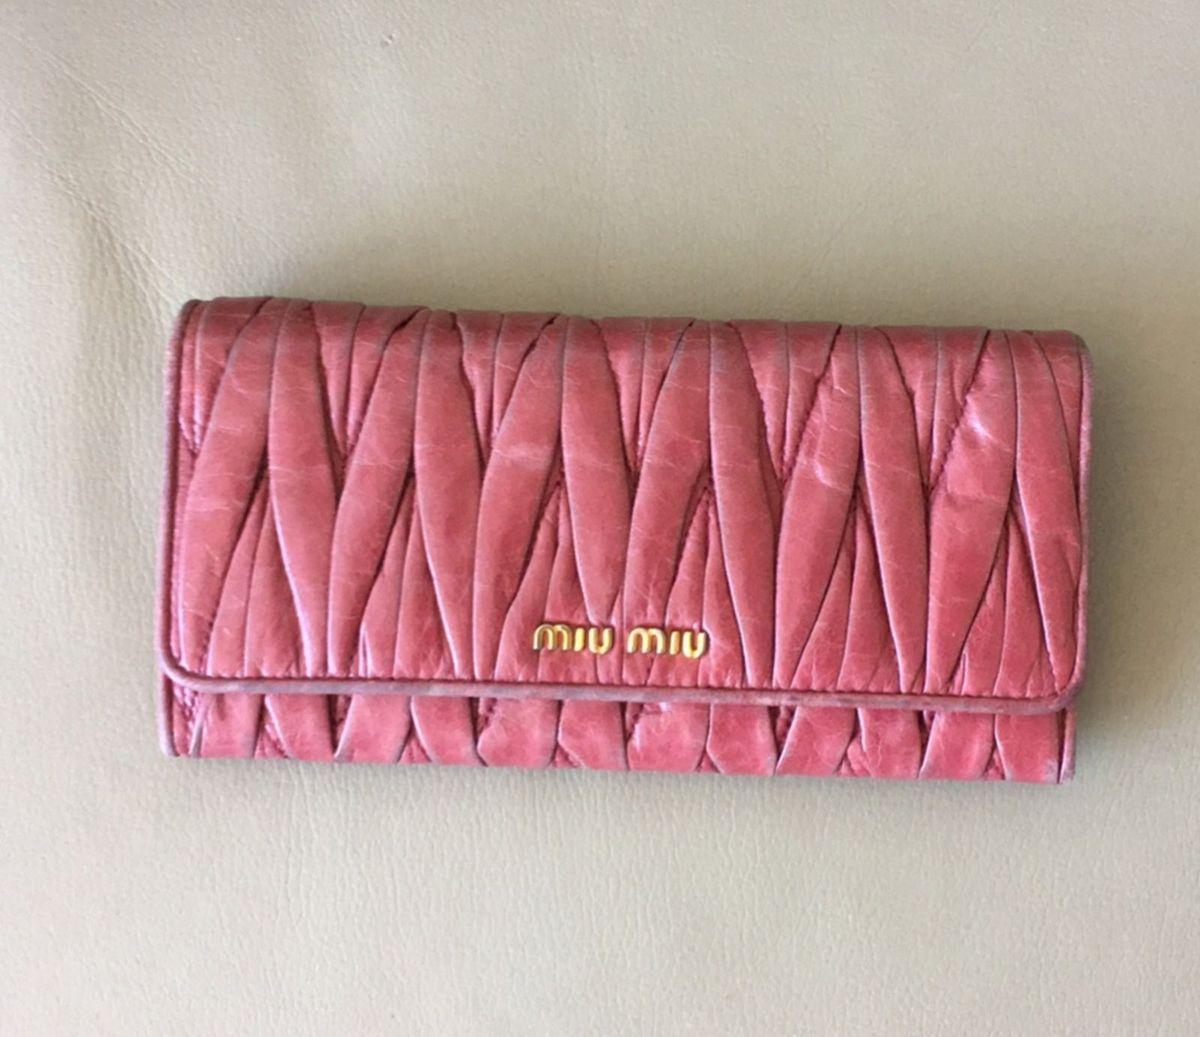 4b0b570168b32 carteira miu miu original - carteiras miu miu.  Czm6ly9wag90b3muzw5qb2vplmnvbs5ici9wcm9kdwn0cy84ntk4mi9lmdk5ntzjywvknzgzzjdkmdrknmu3nwiwnwriyzc0nc5qcgc  ...